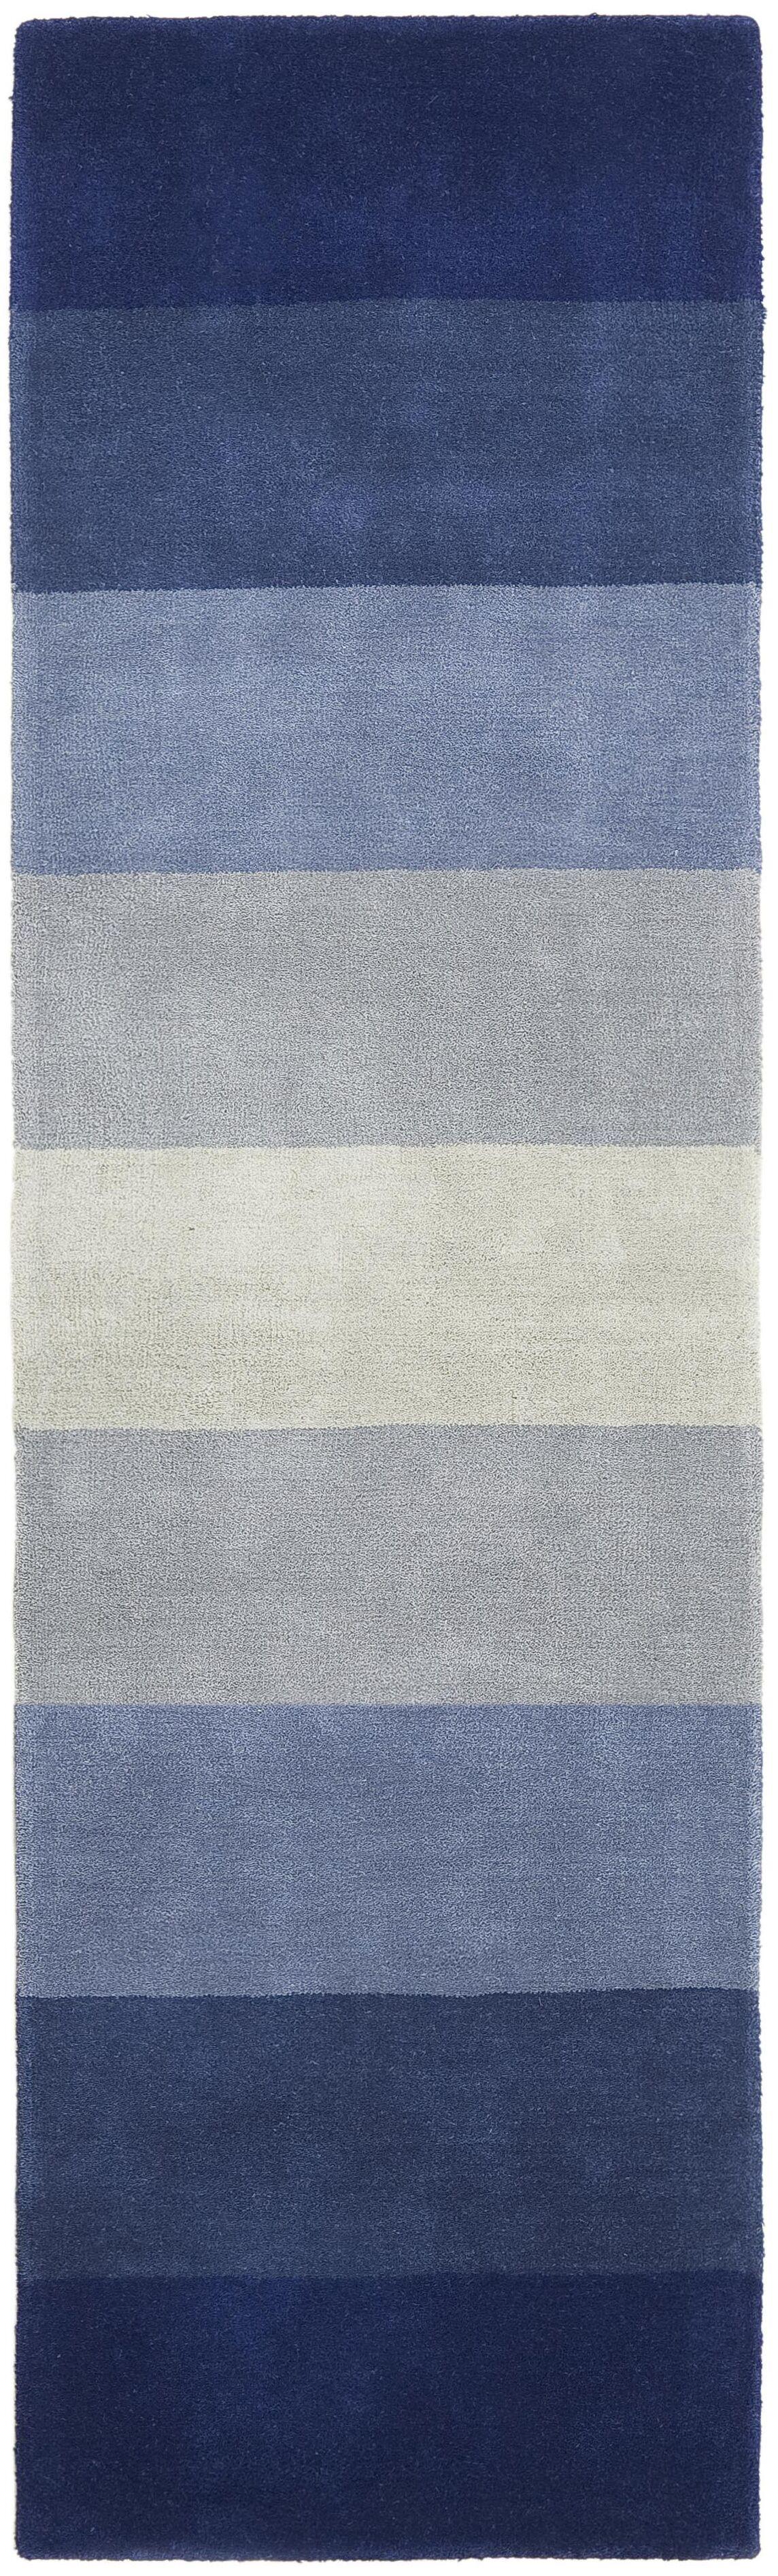 Degarmo Blue Stripes Area Rug Rug Size: Runner 2'6